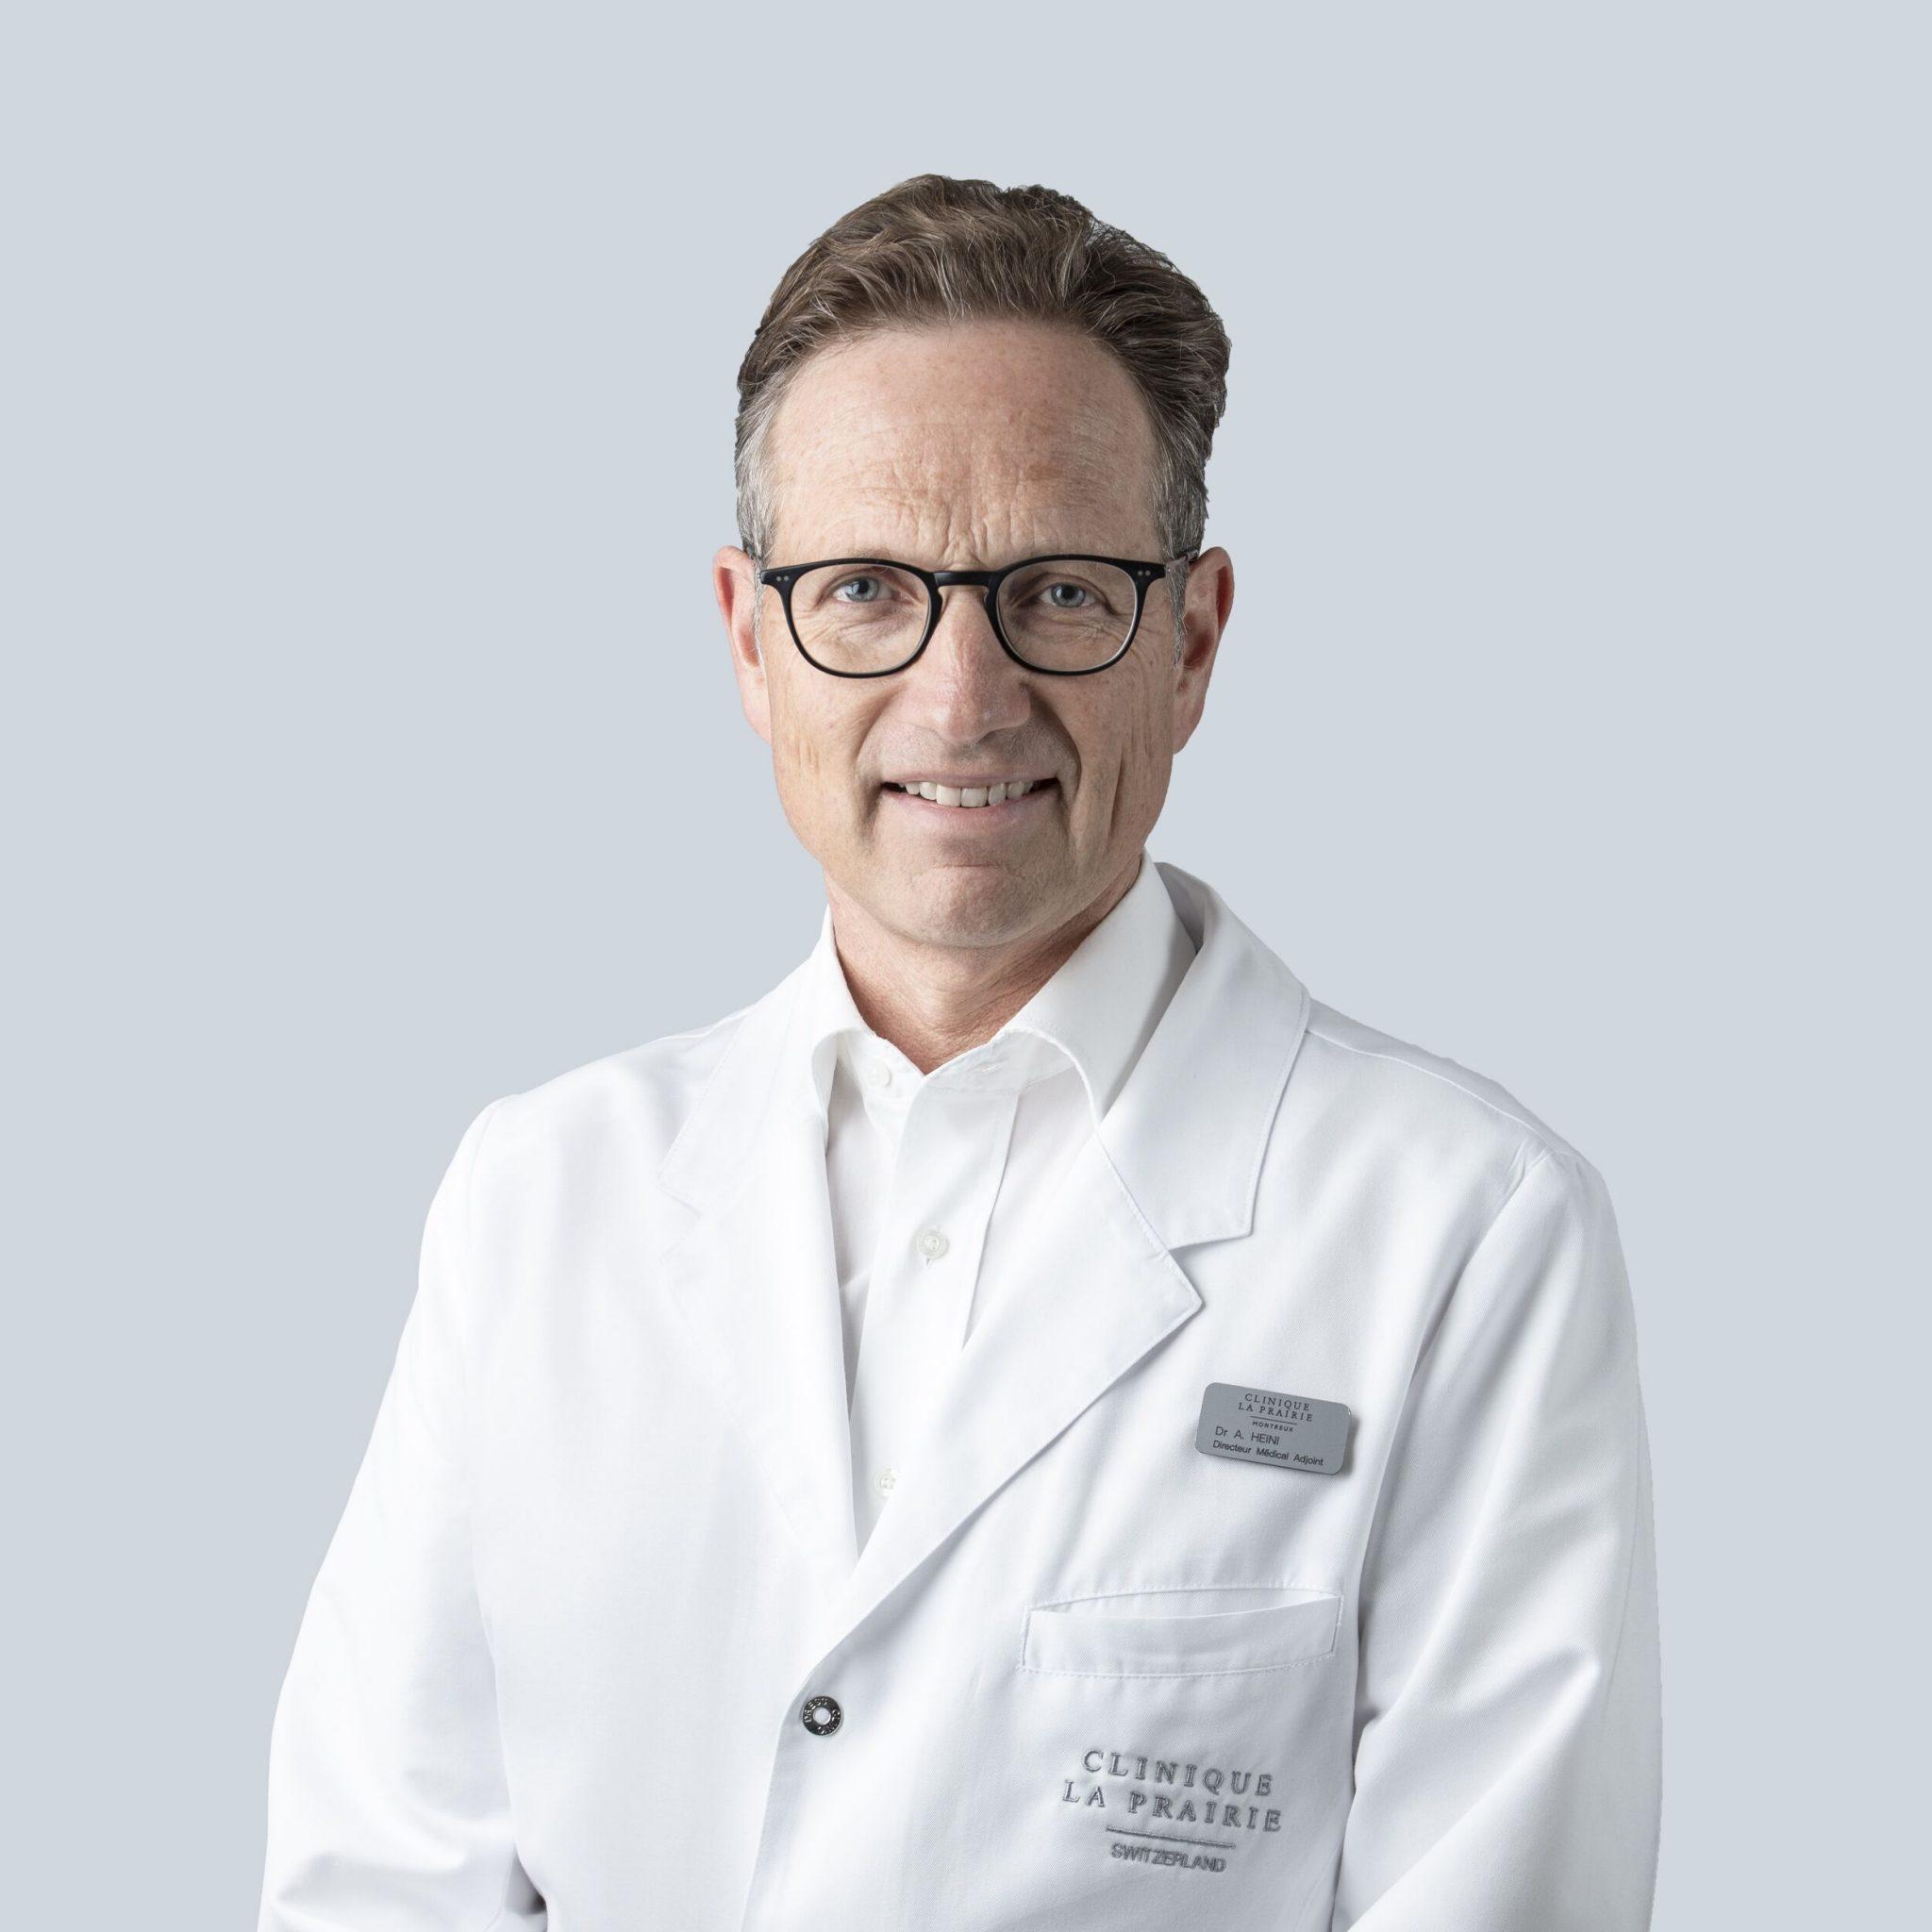 الدكتور أدريان هيني